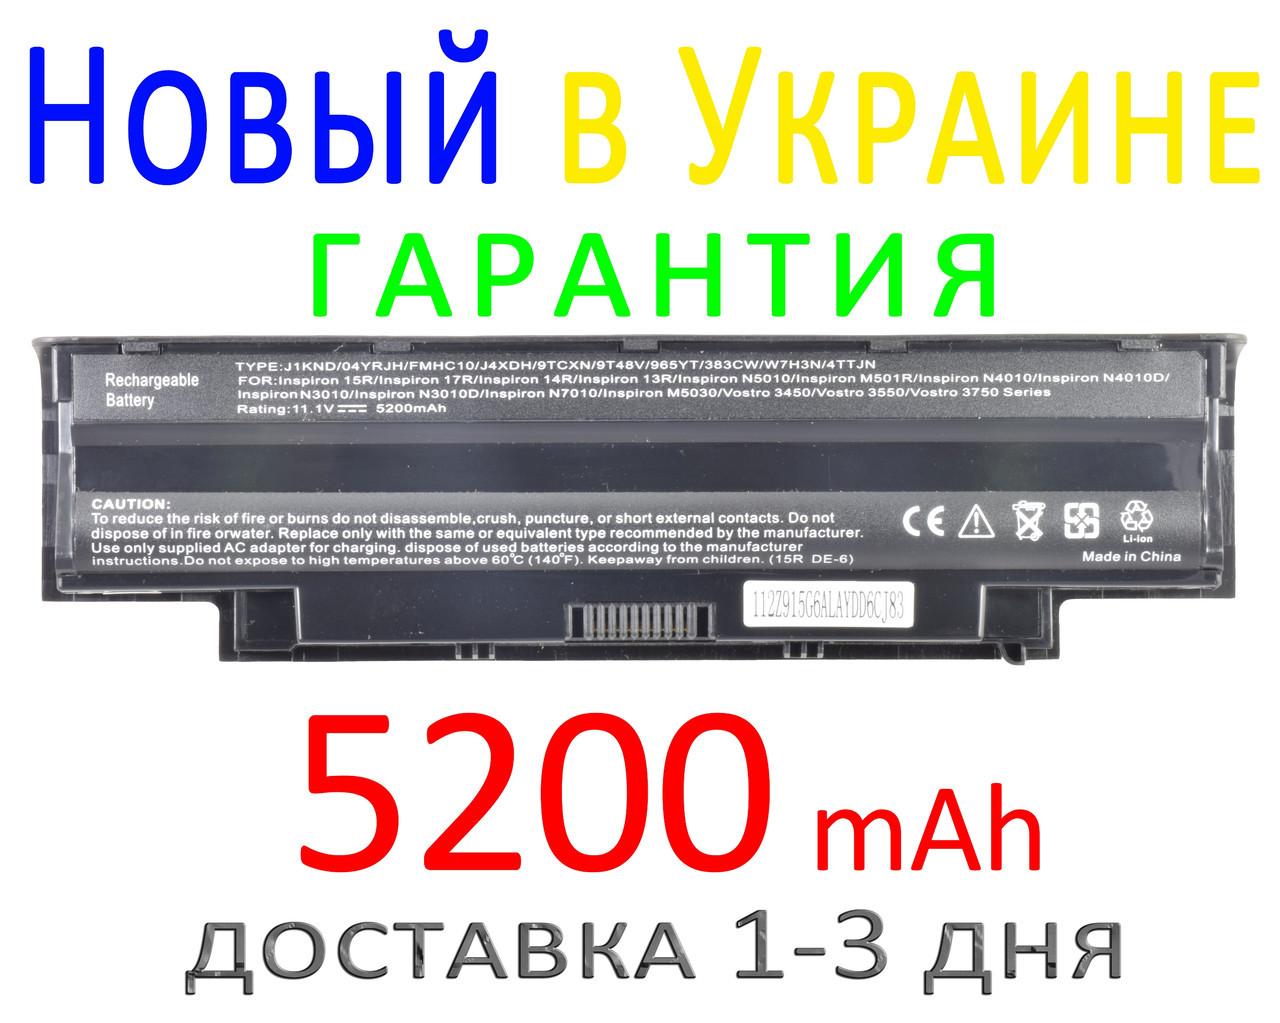 Аккумулятор батарея DELL Inspiron M5010D